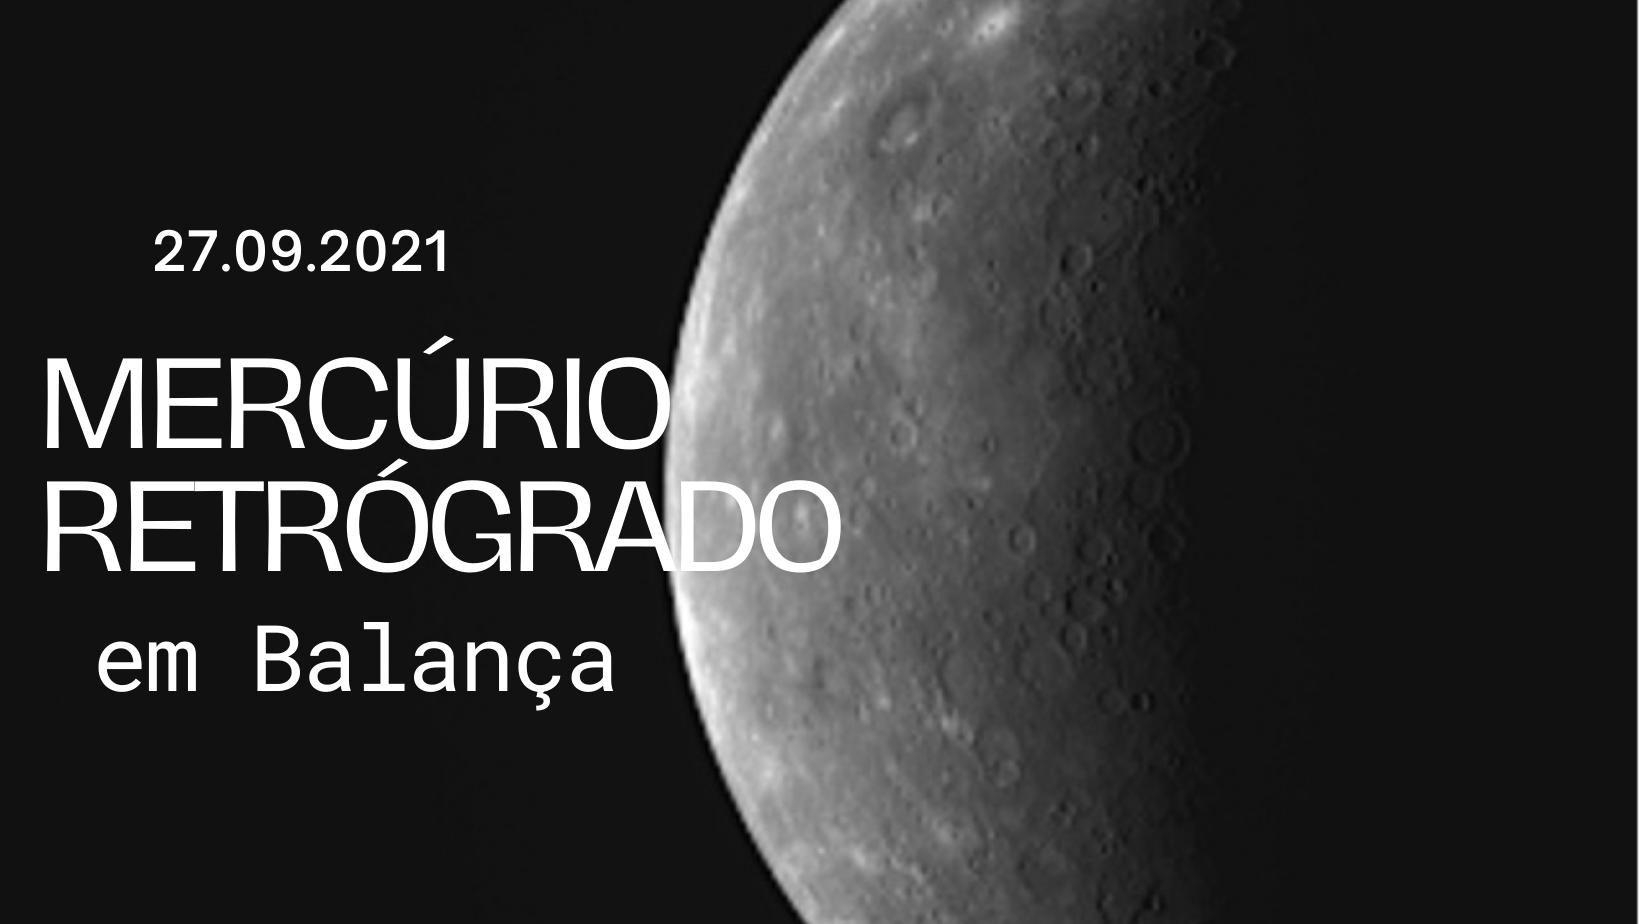 MERCÚRIO RETRÓGRADO EM BALANÇA